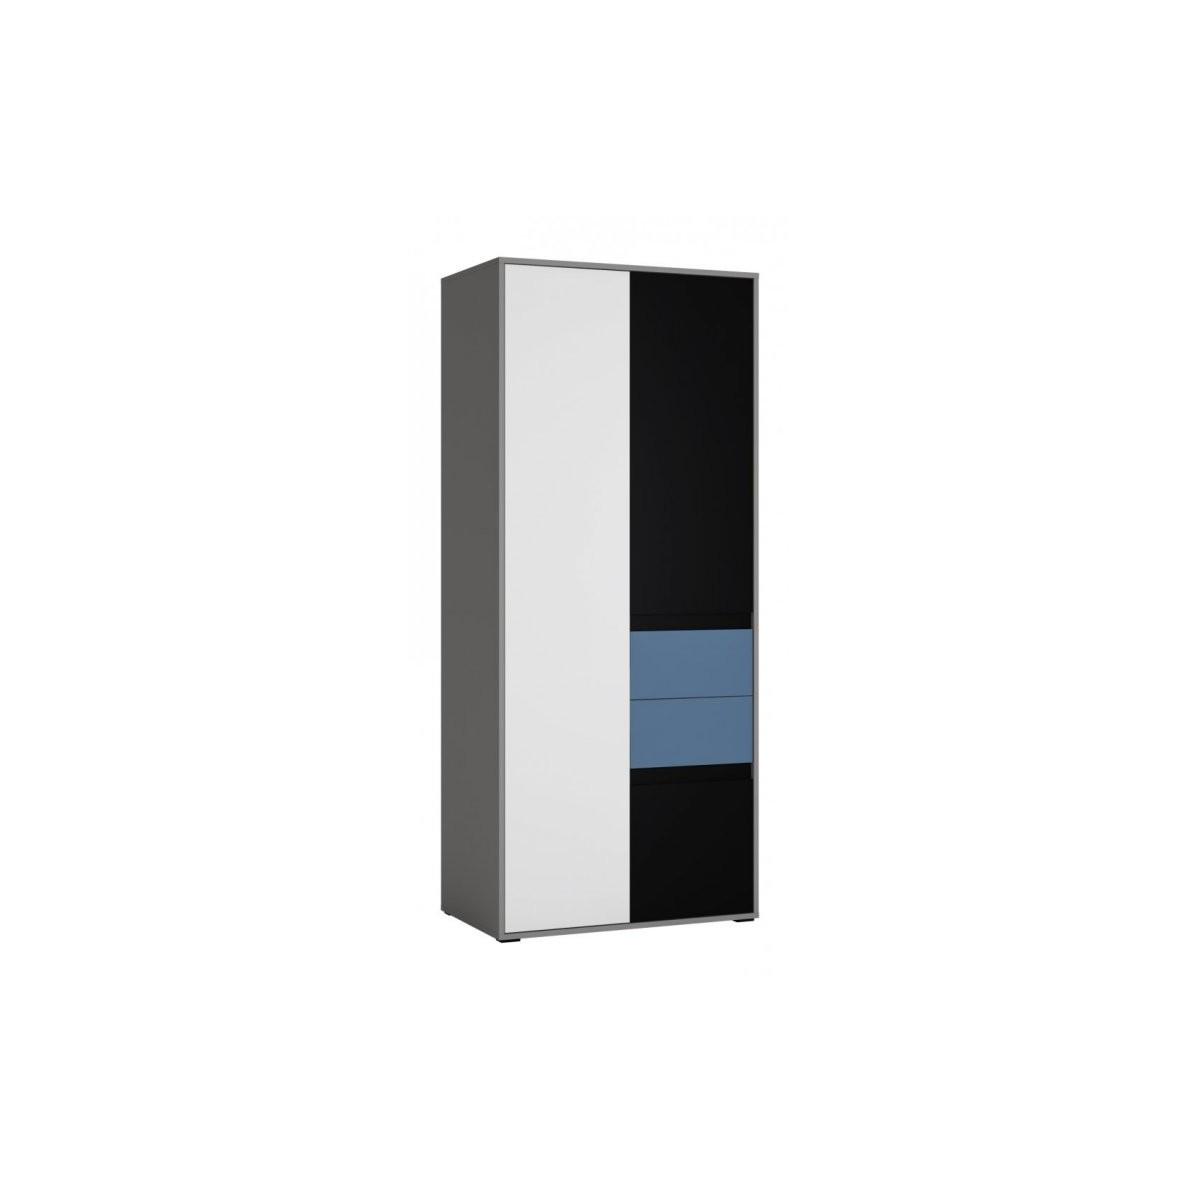 Szafa do pokoju młodzieżowego szary platynowy, czarna perła / biała alpejska Laser LASS01 Meble Wójcik